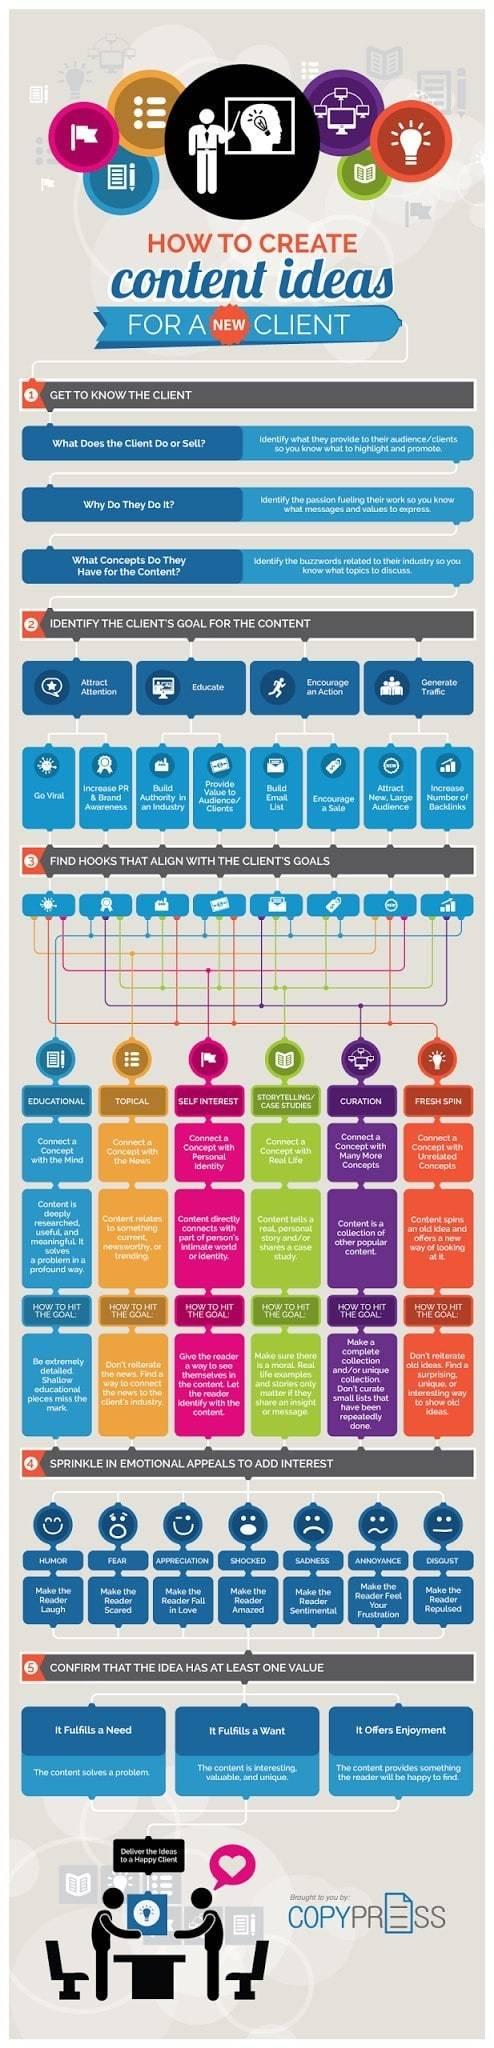 ideas-crear-contenidos-clientes-nuevos-infografia